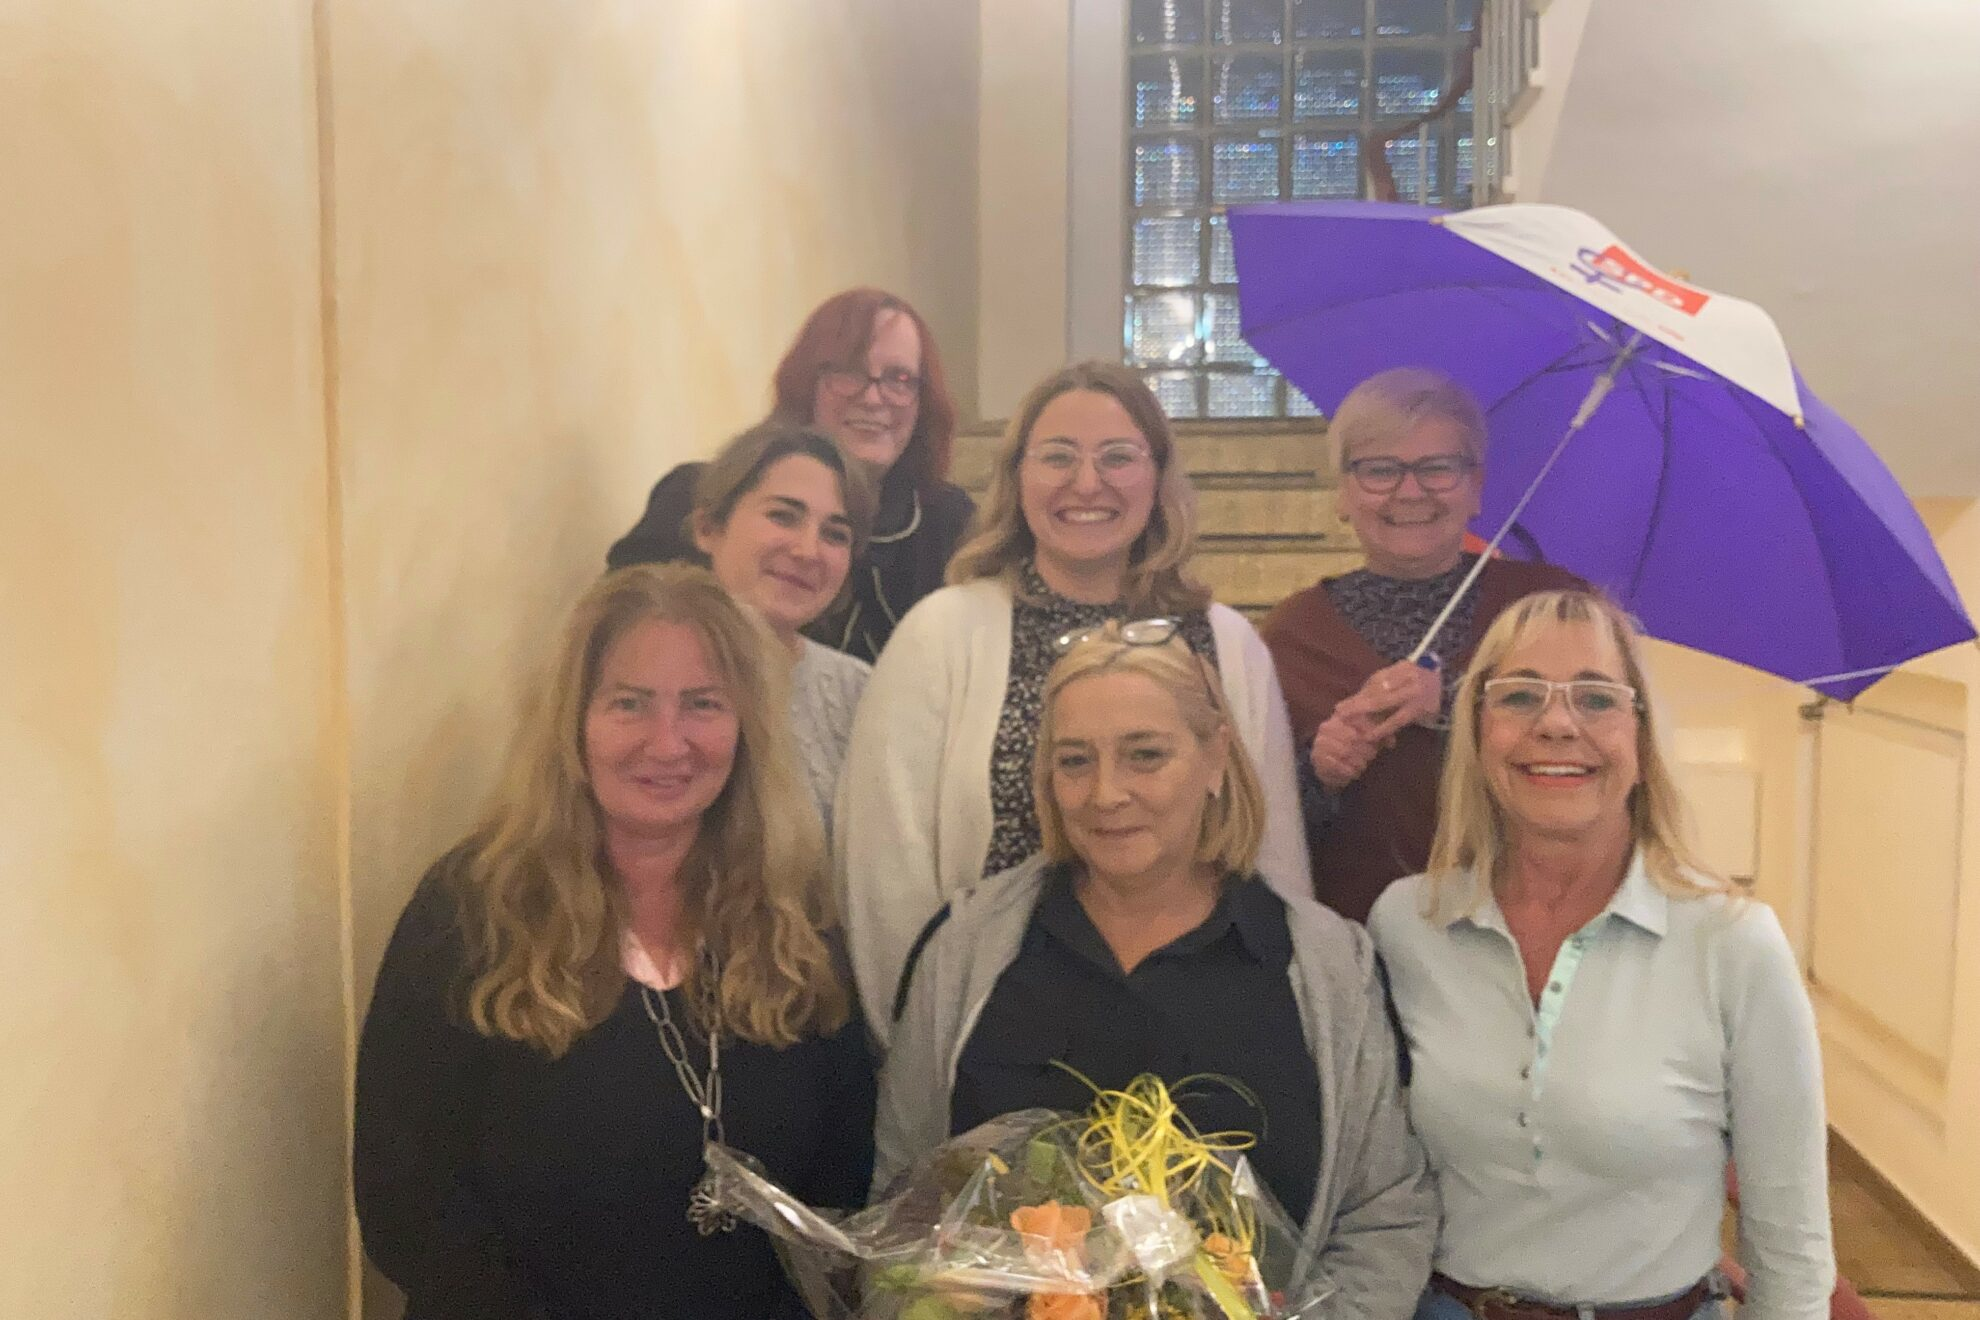 Gruppenbild: Hildegard Venghaus, Marie Hembsch, Jeanette Booms, Nina Wolff, Melani Schmielewski, Nicol Weitz und Iris von Gallera (v.l.n.r.) bilden den neuen AsF-Vorstand.